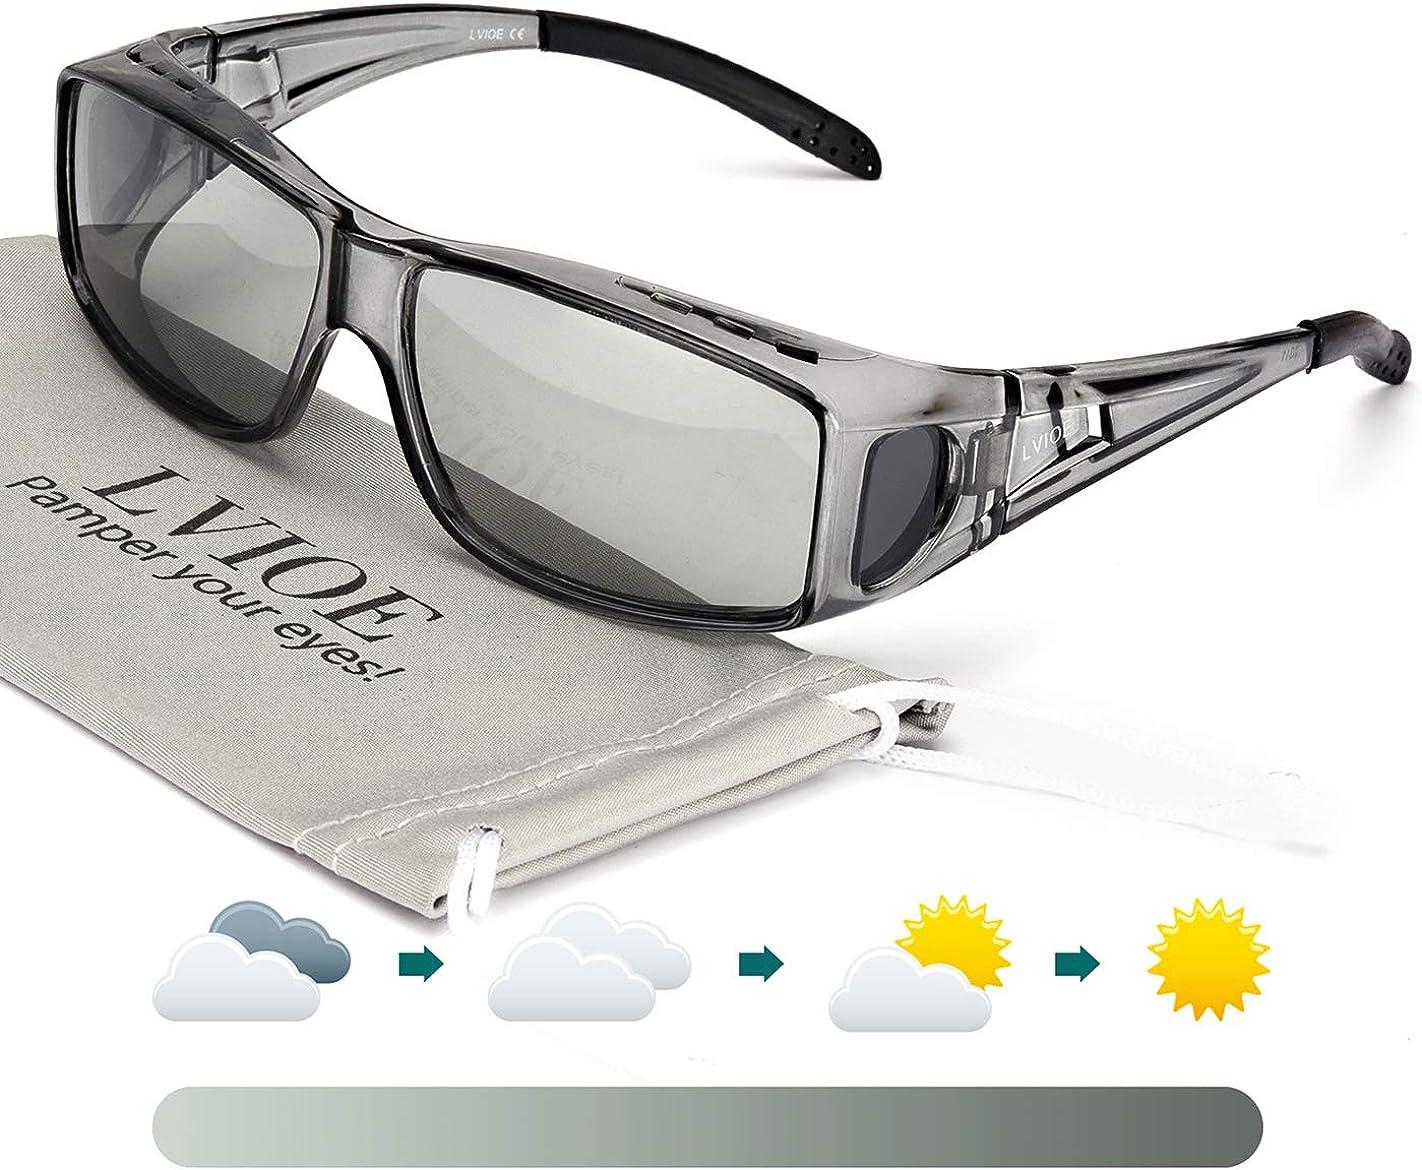 LVIOE Gafas de Sol Fotocromáticas Sobre Gafas, gafas de sol de Fitover de la prescripción Estilos unisex, Protección 100% UVA UVB Para Colocar Sobre las Gafas Normales y de Lectura